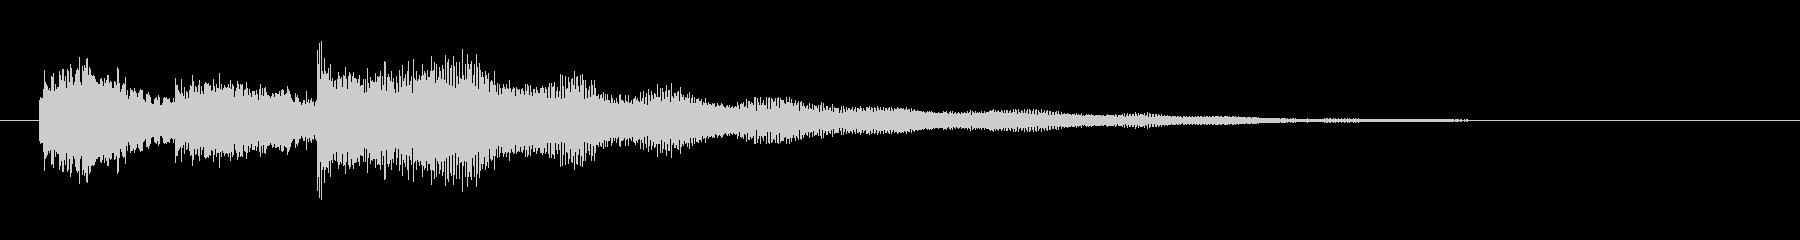 ギターによる爽やかなサウンドロゴの未再生の波形